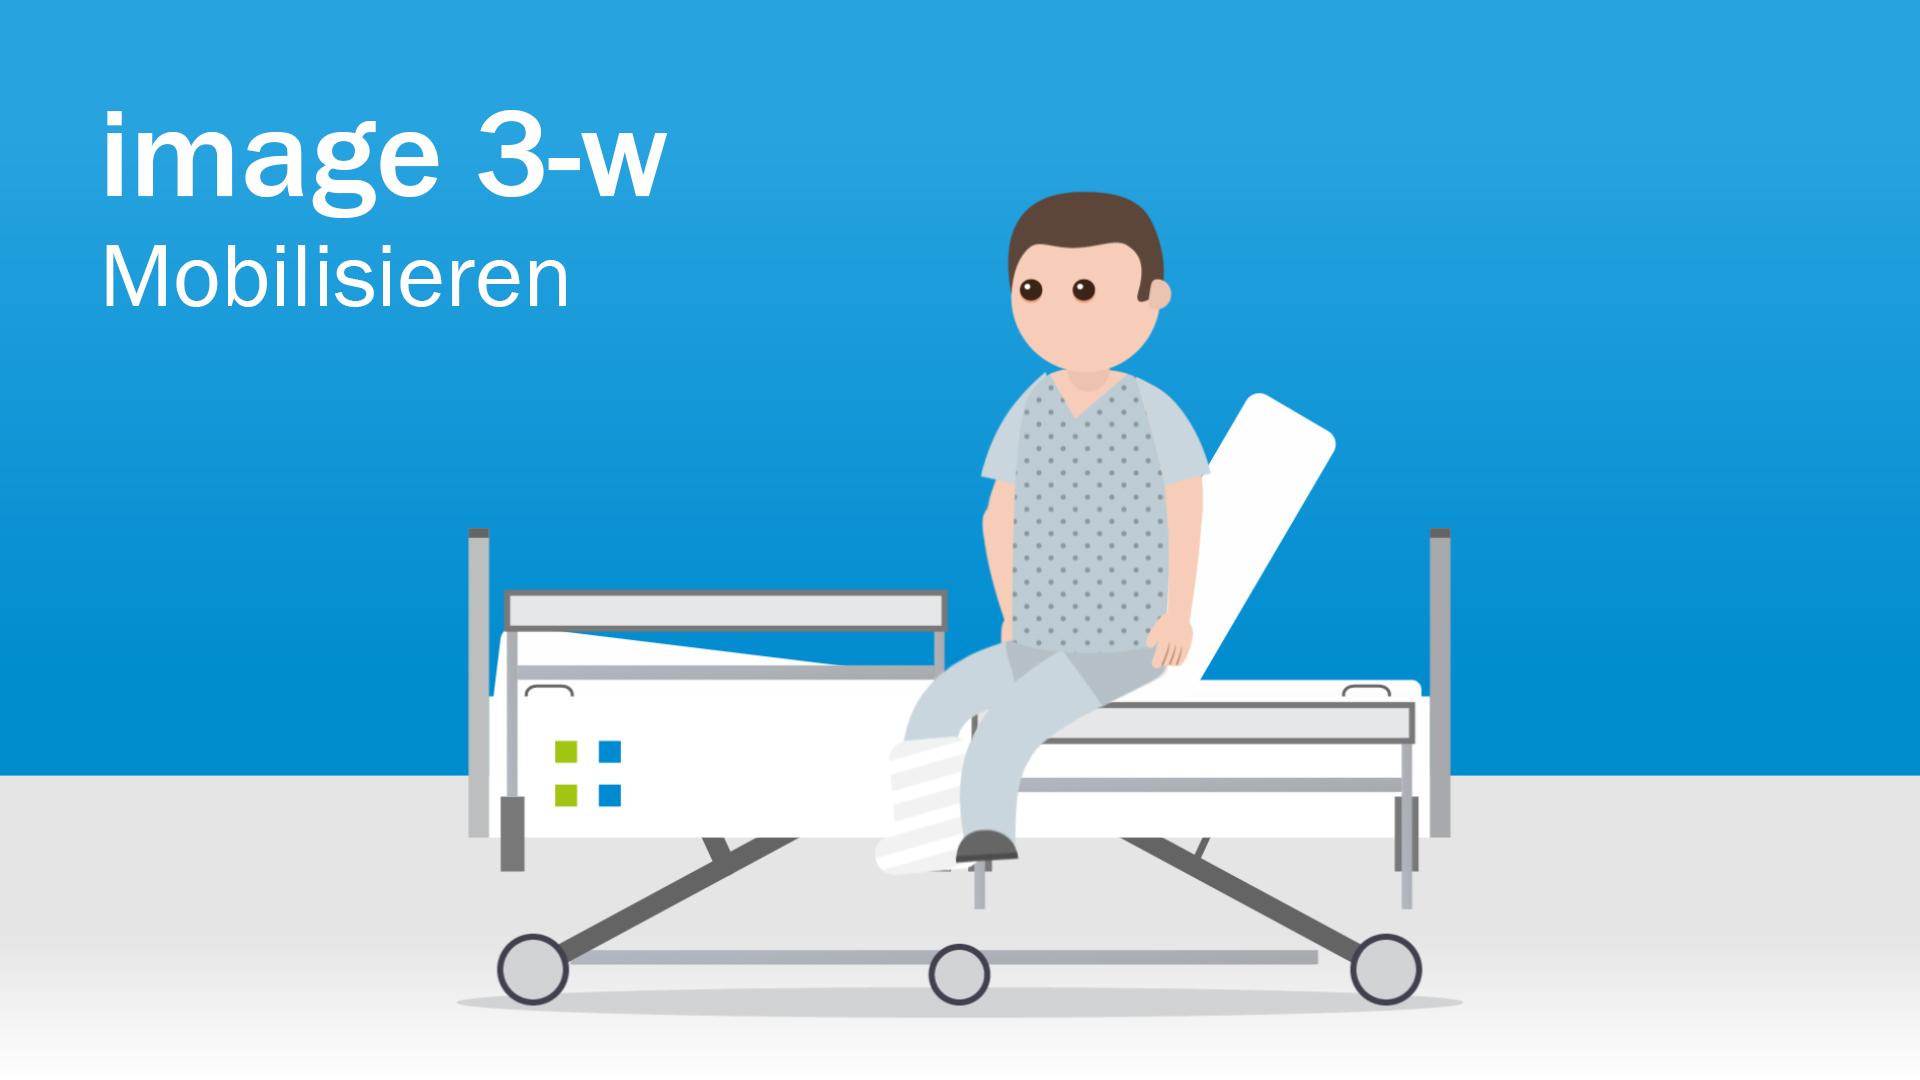 Sichere Patientenmobilisation mit image 3-w